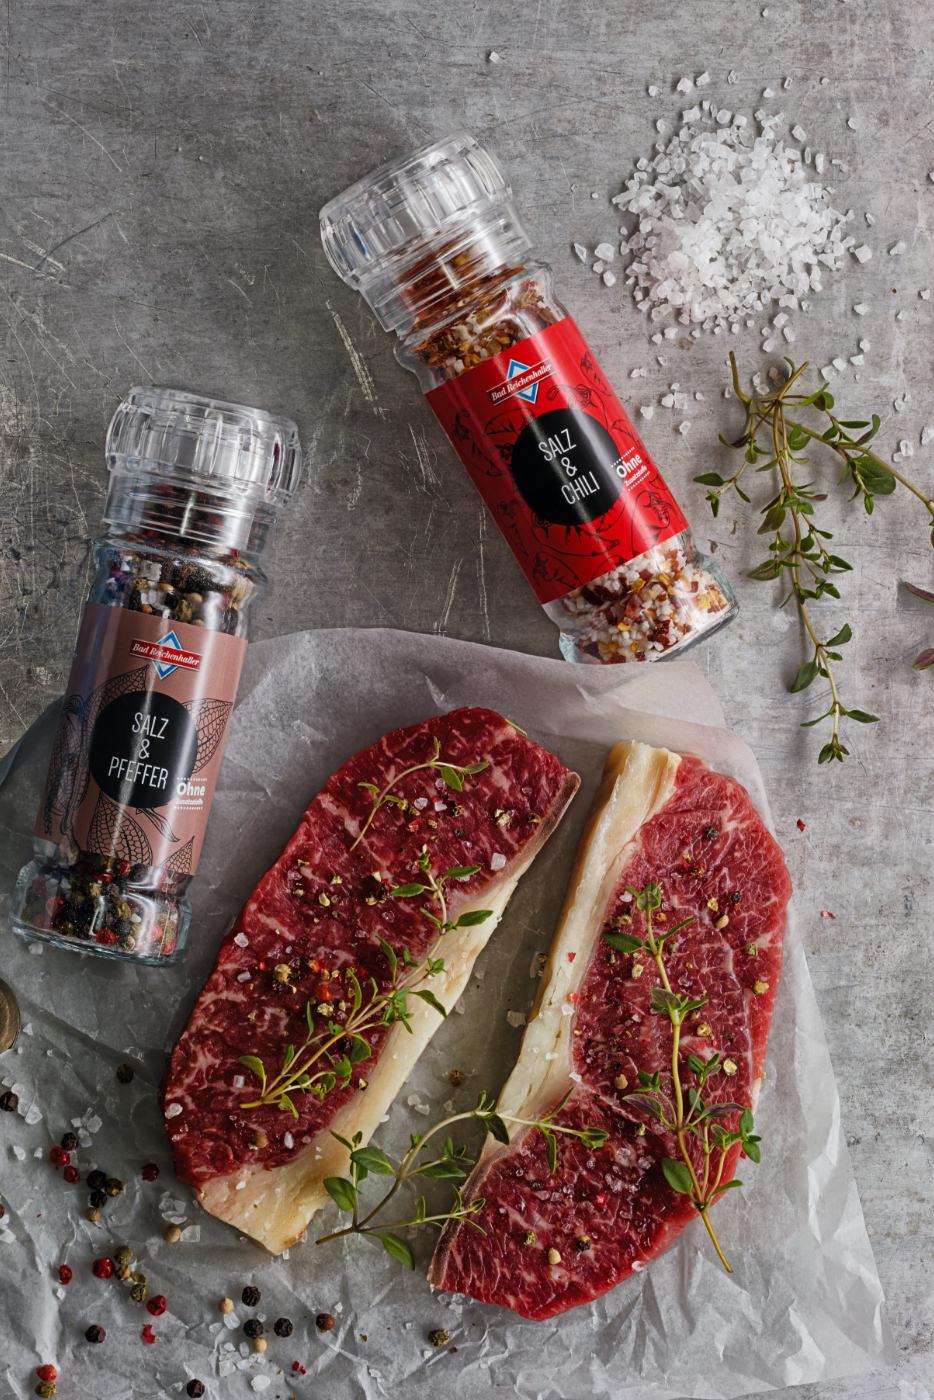 Bad Reichenhaller Gewürze für Steak Flatlay